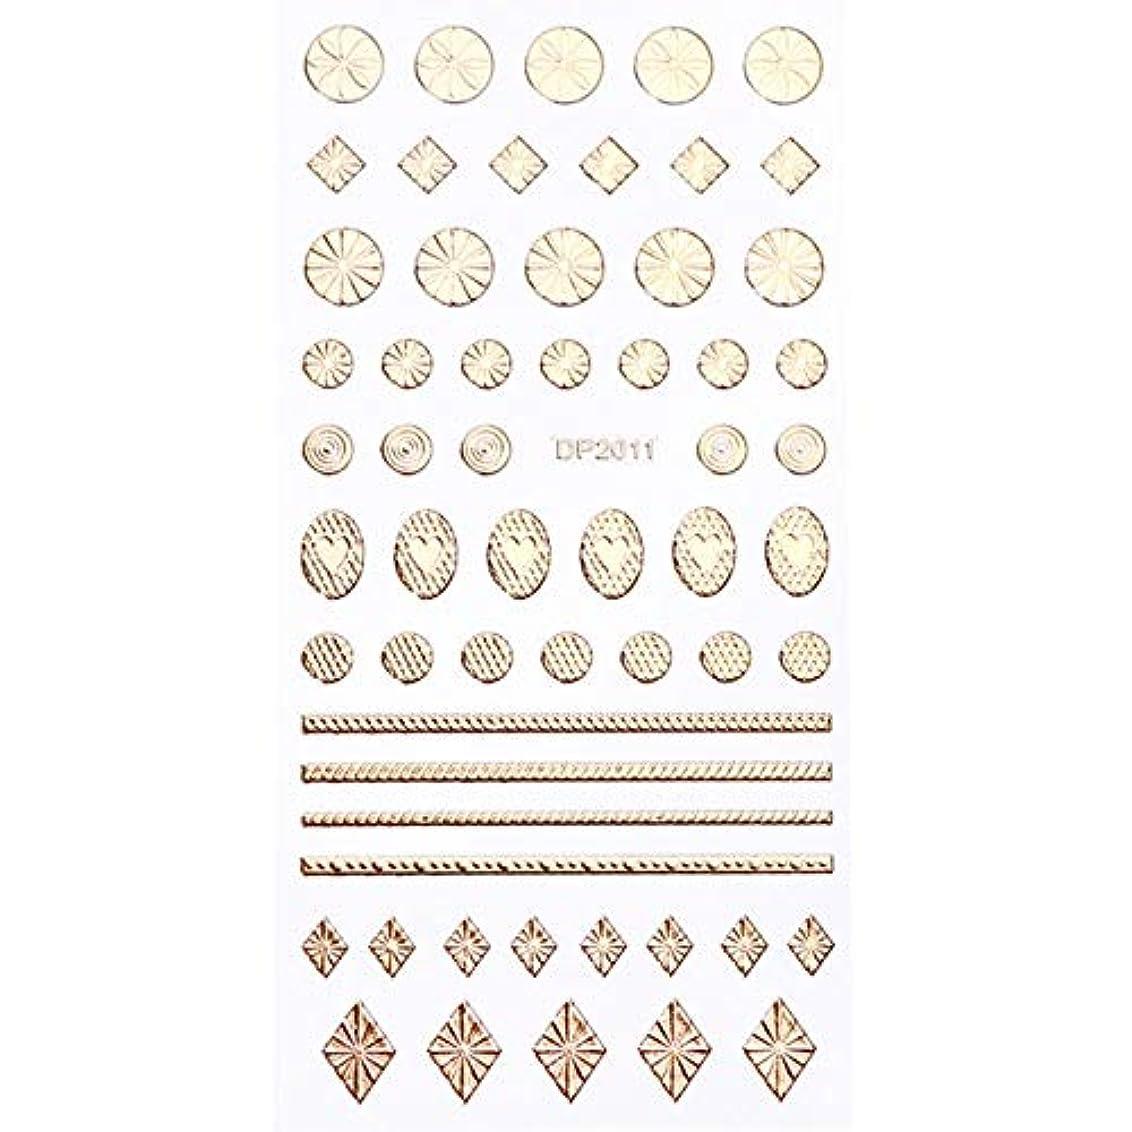 参加する印象賞賛SUKTI&XIAO ネイルステッカー 1ピースゴールド3dネイルステッカーデコレーション金属ジオメトリハートスター接着剤のヒント爪デカールマニキュアツール